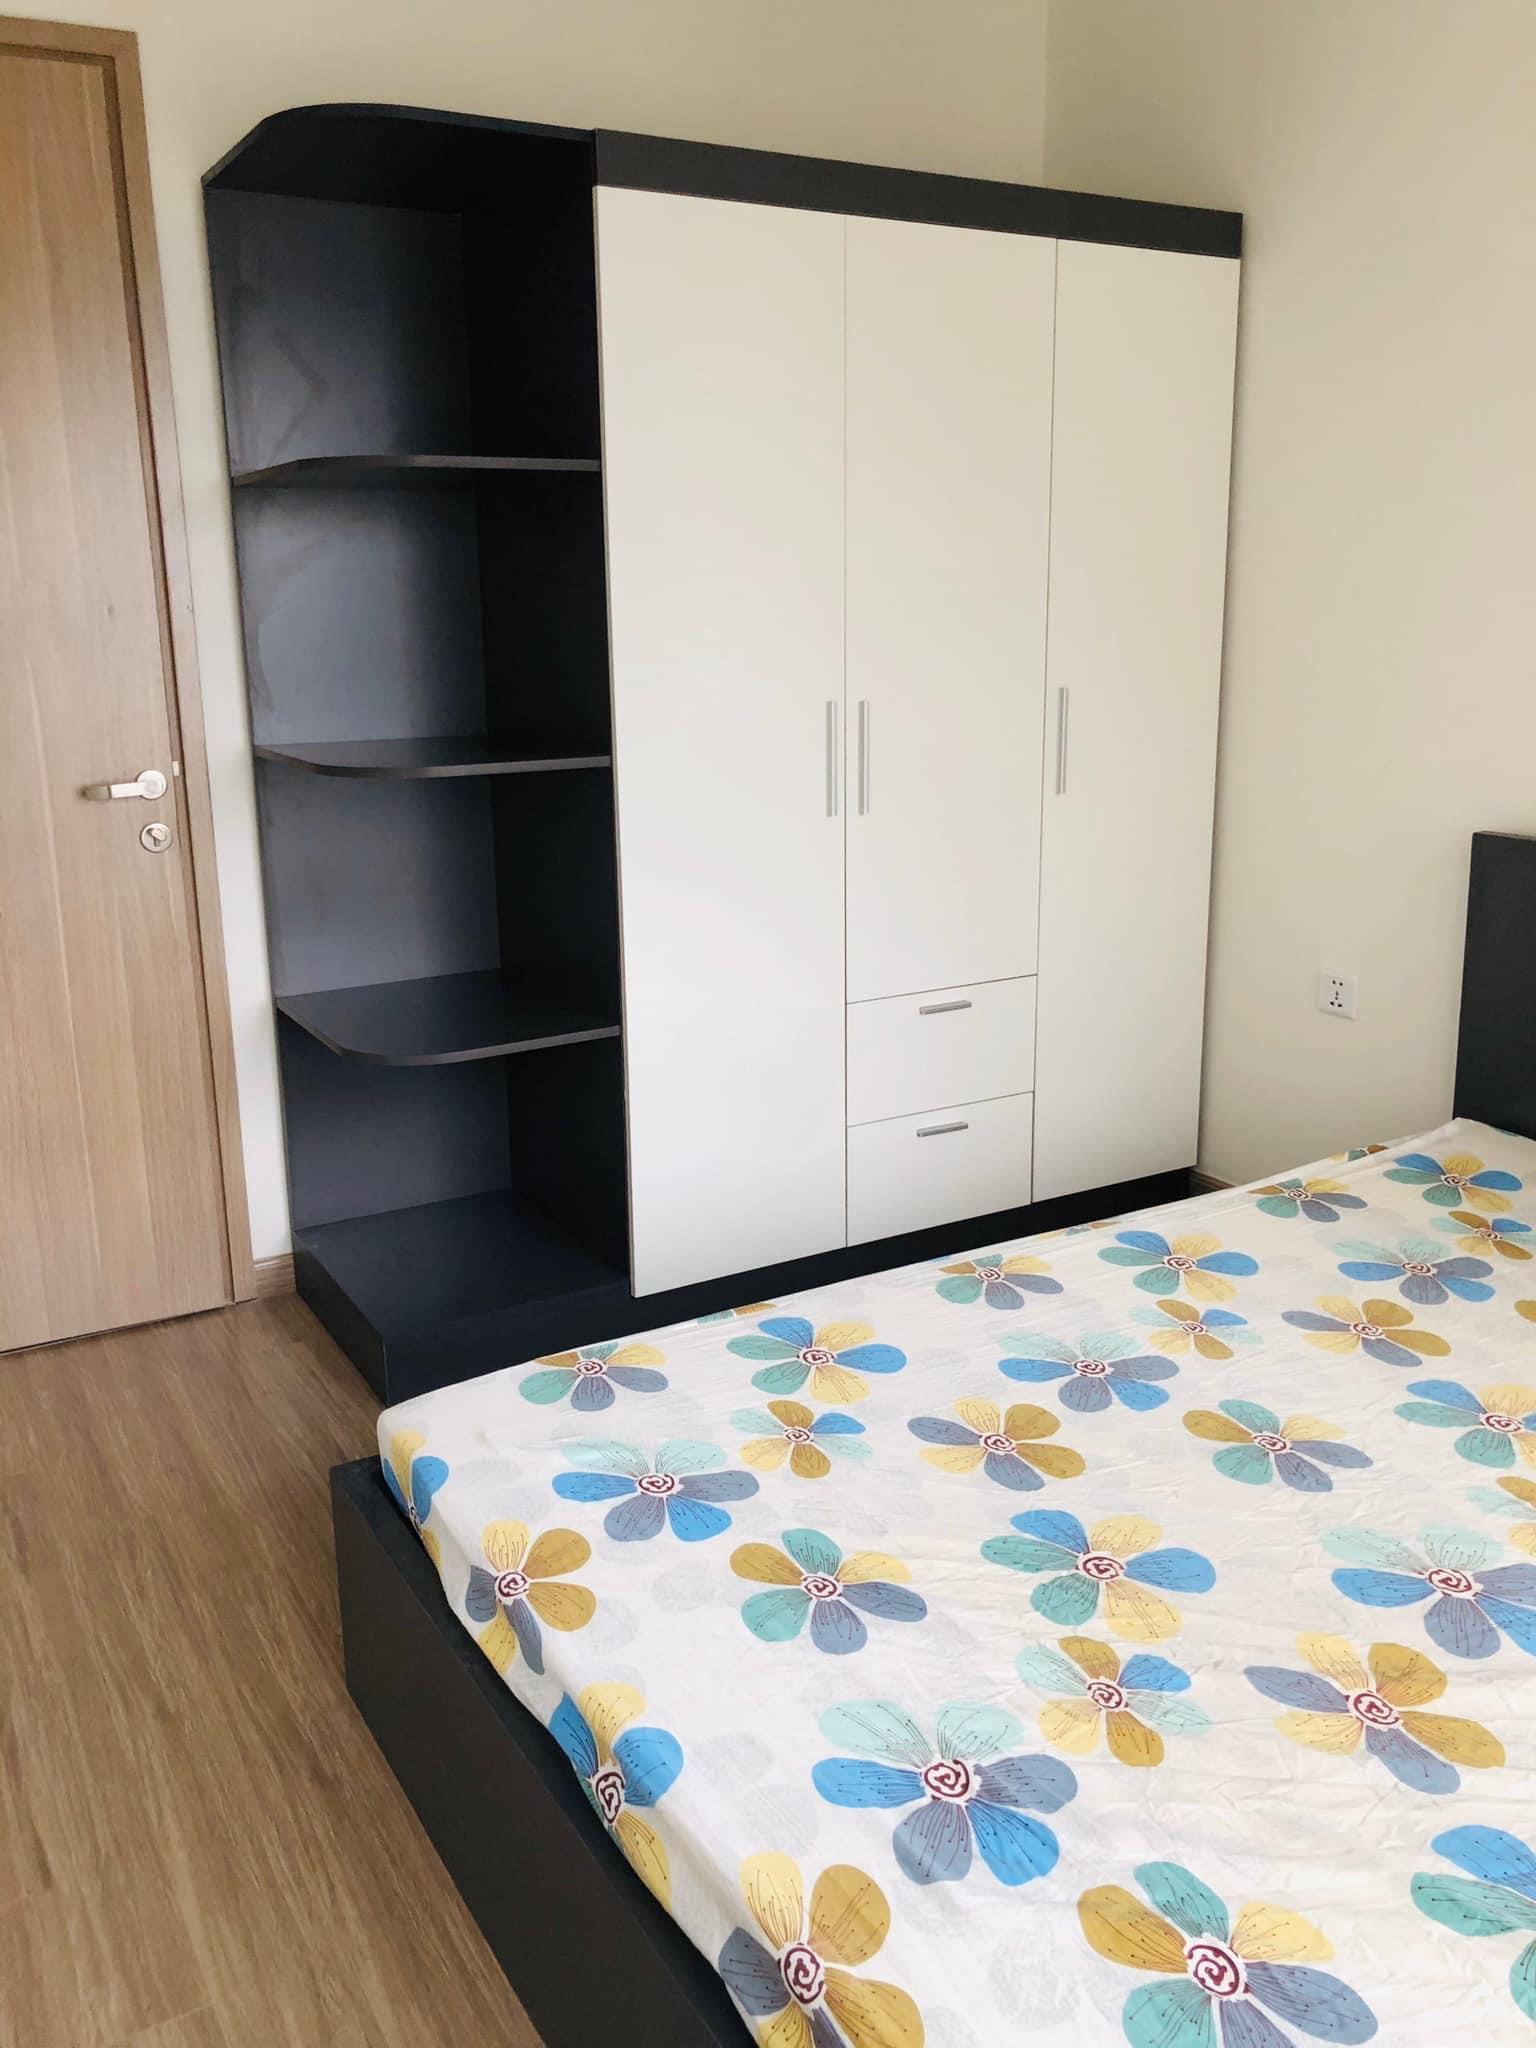 Căn hộ 2 phòng ngủ 1wc tầng 10 S1.02 Vinhomes Grand Park 6tr/tháng 3